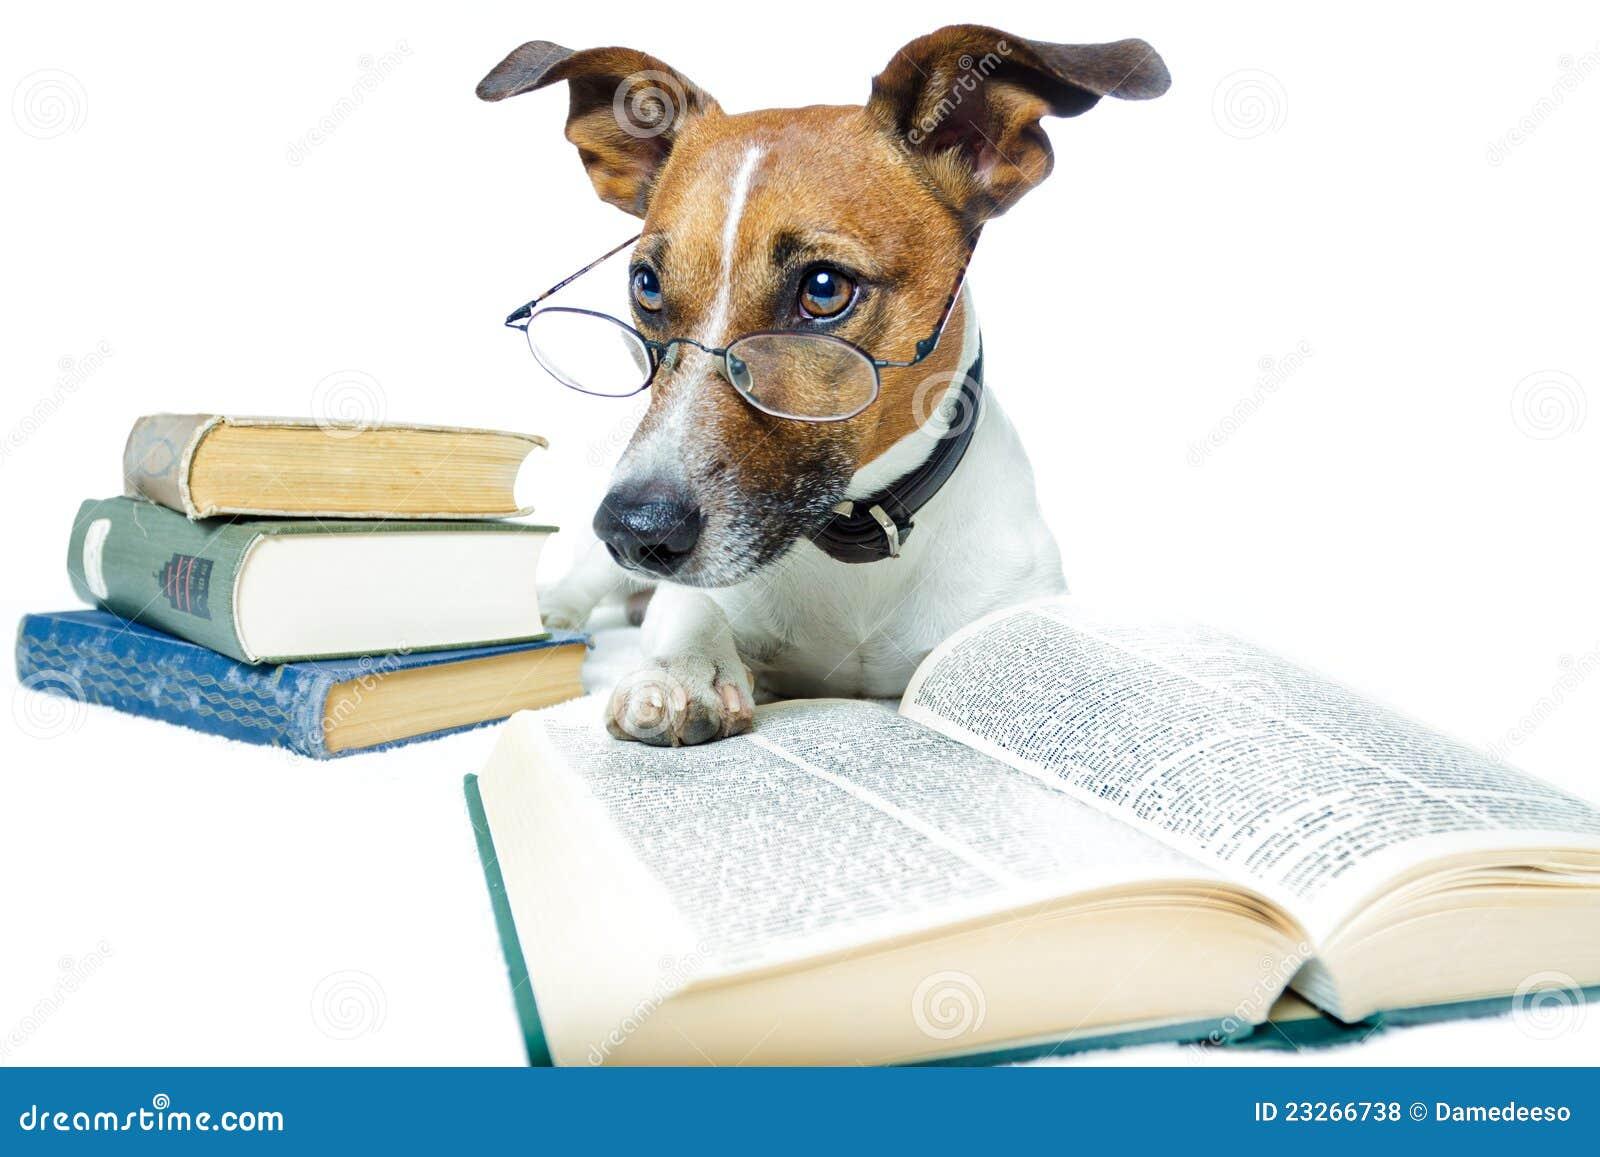 Dog Reading Books Royalty Free Stock Photos - Image: 23266738